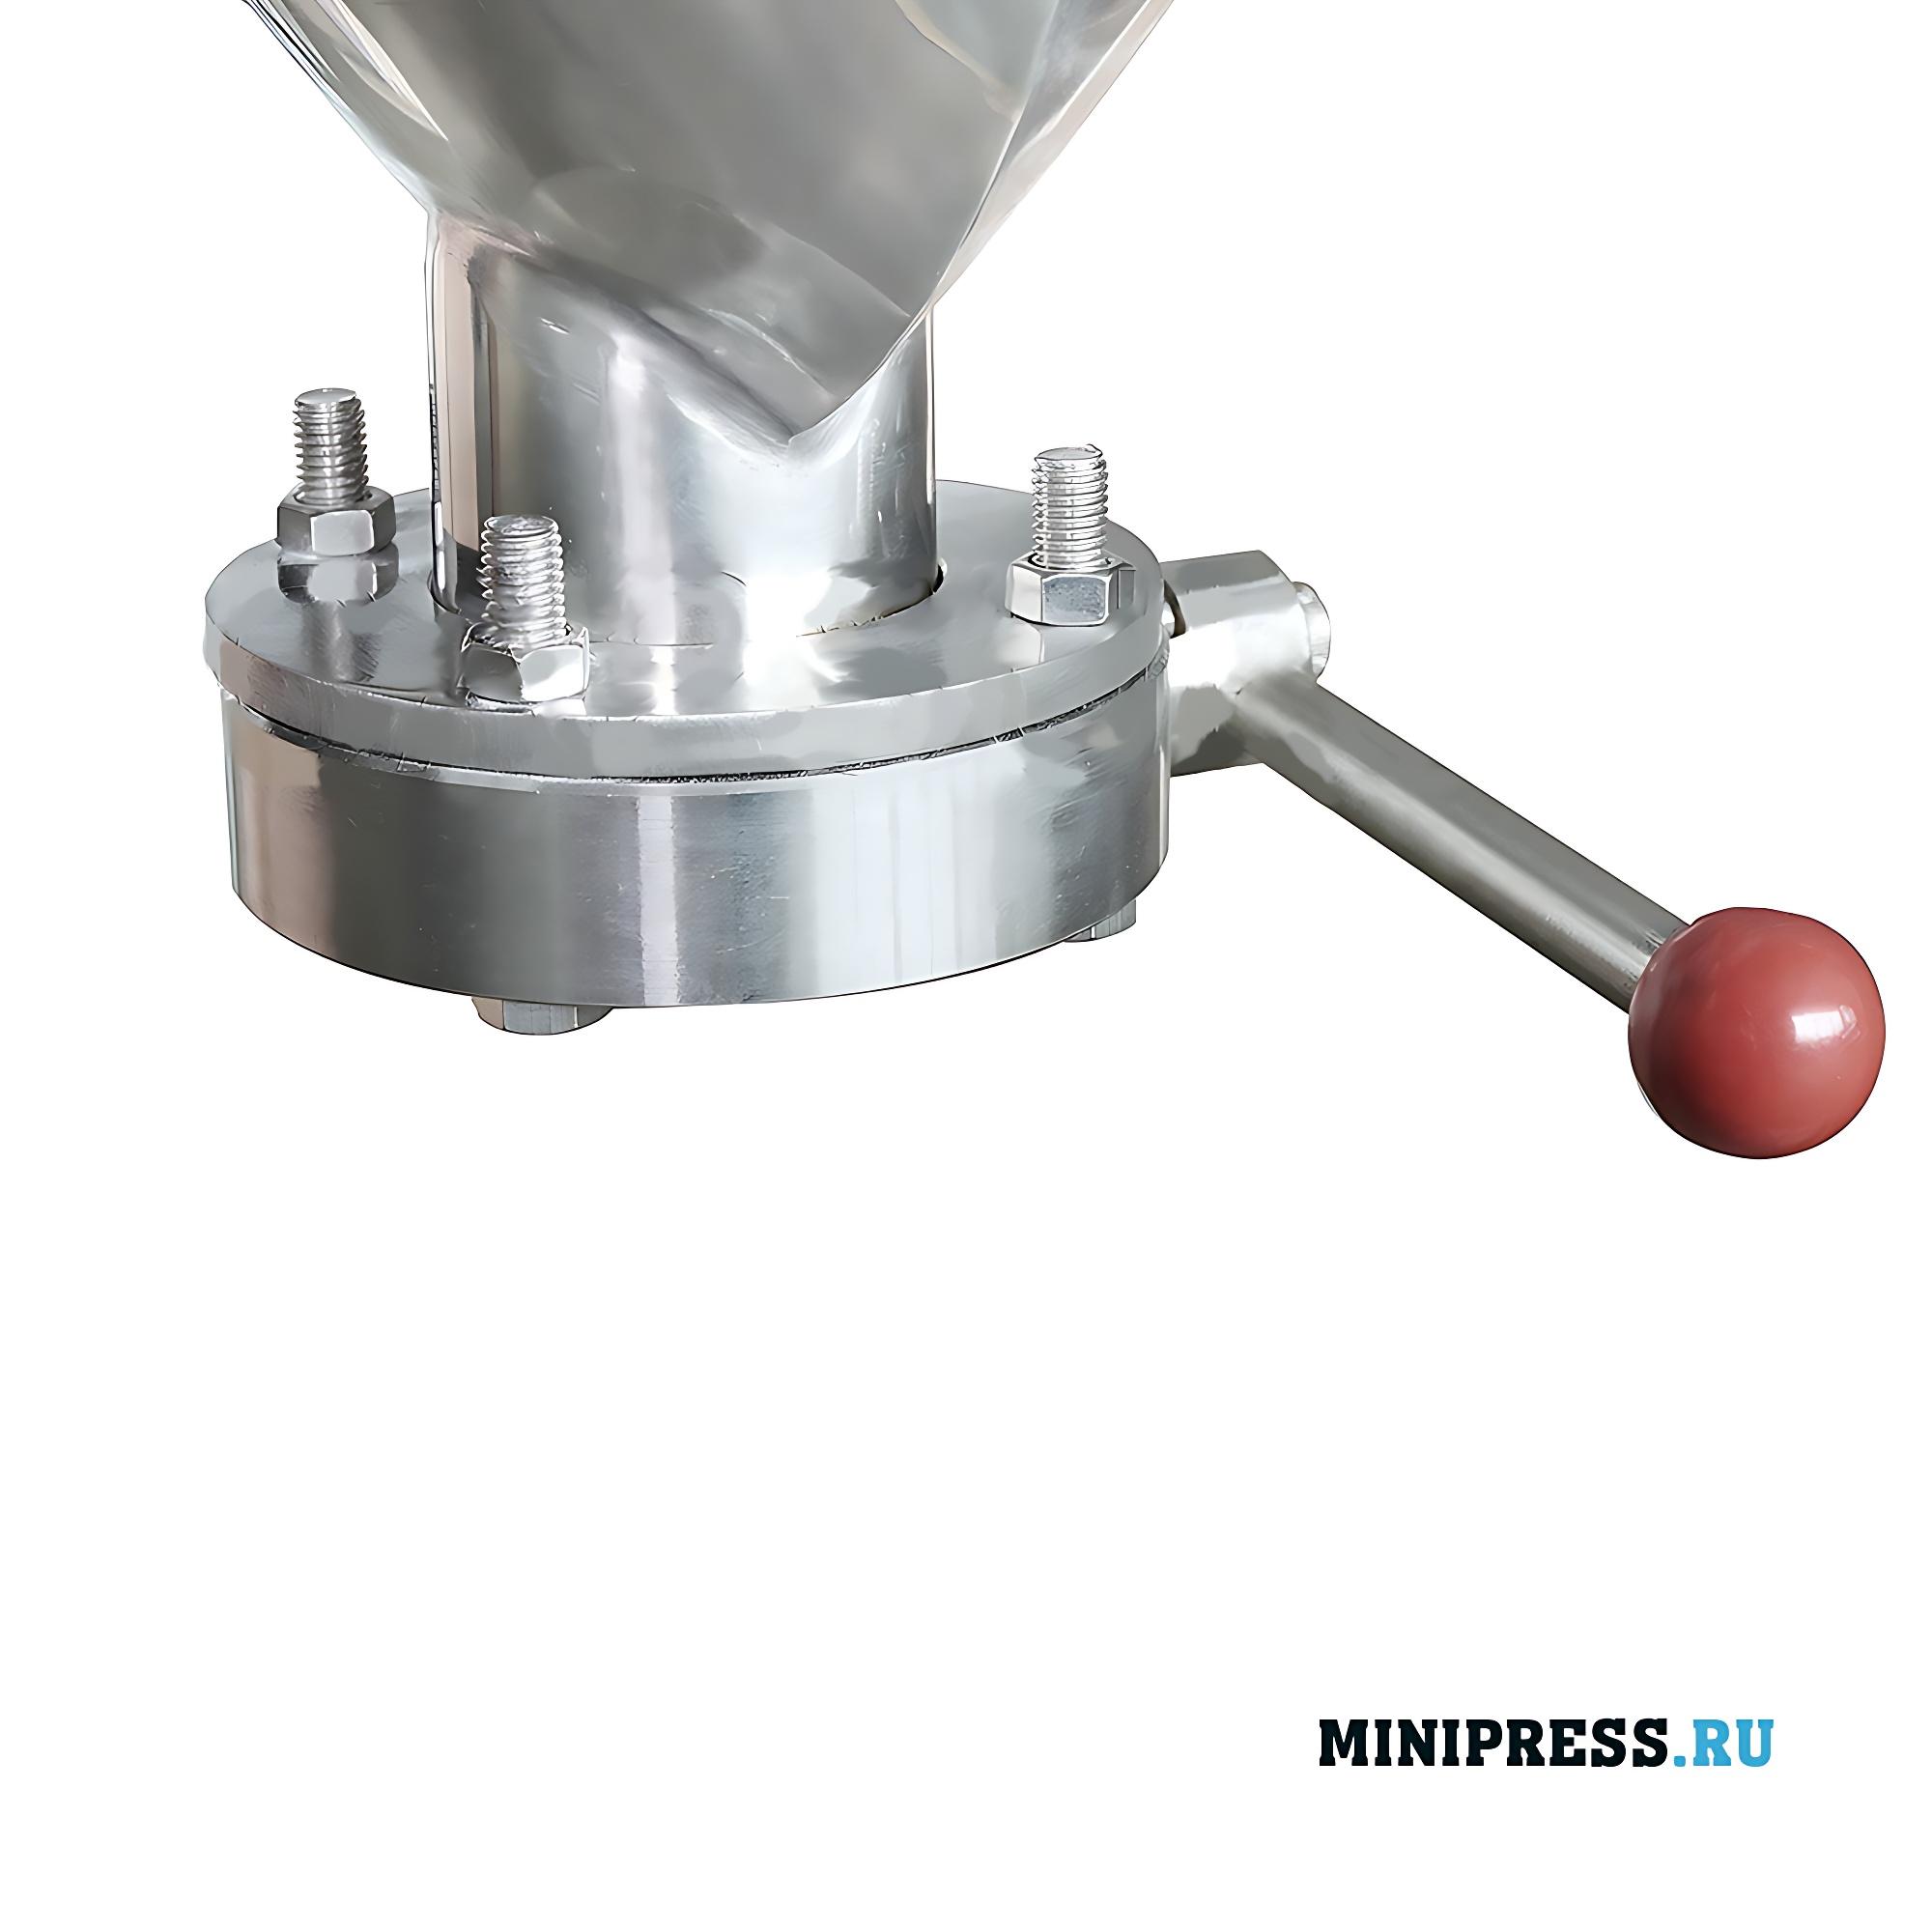 Высокоэффективный смеситель для смешивания сухого порошкового материала